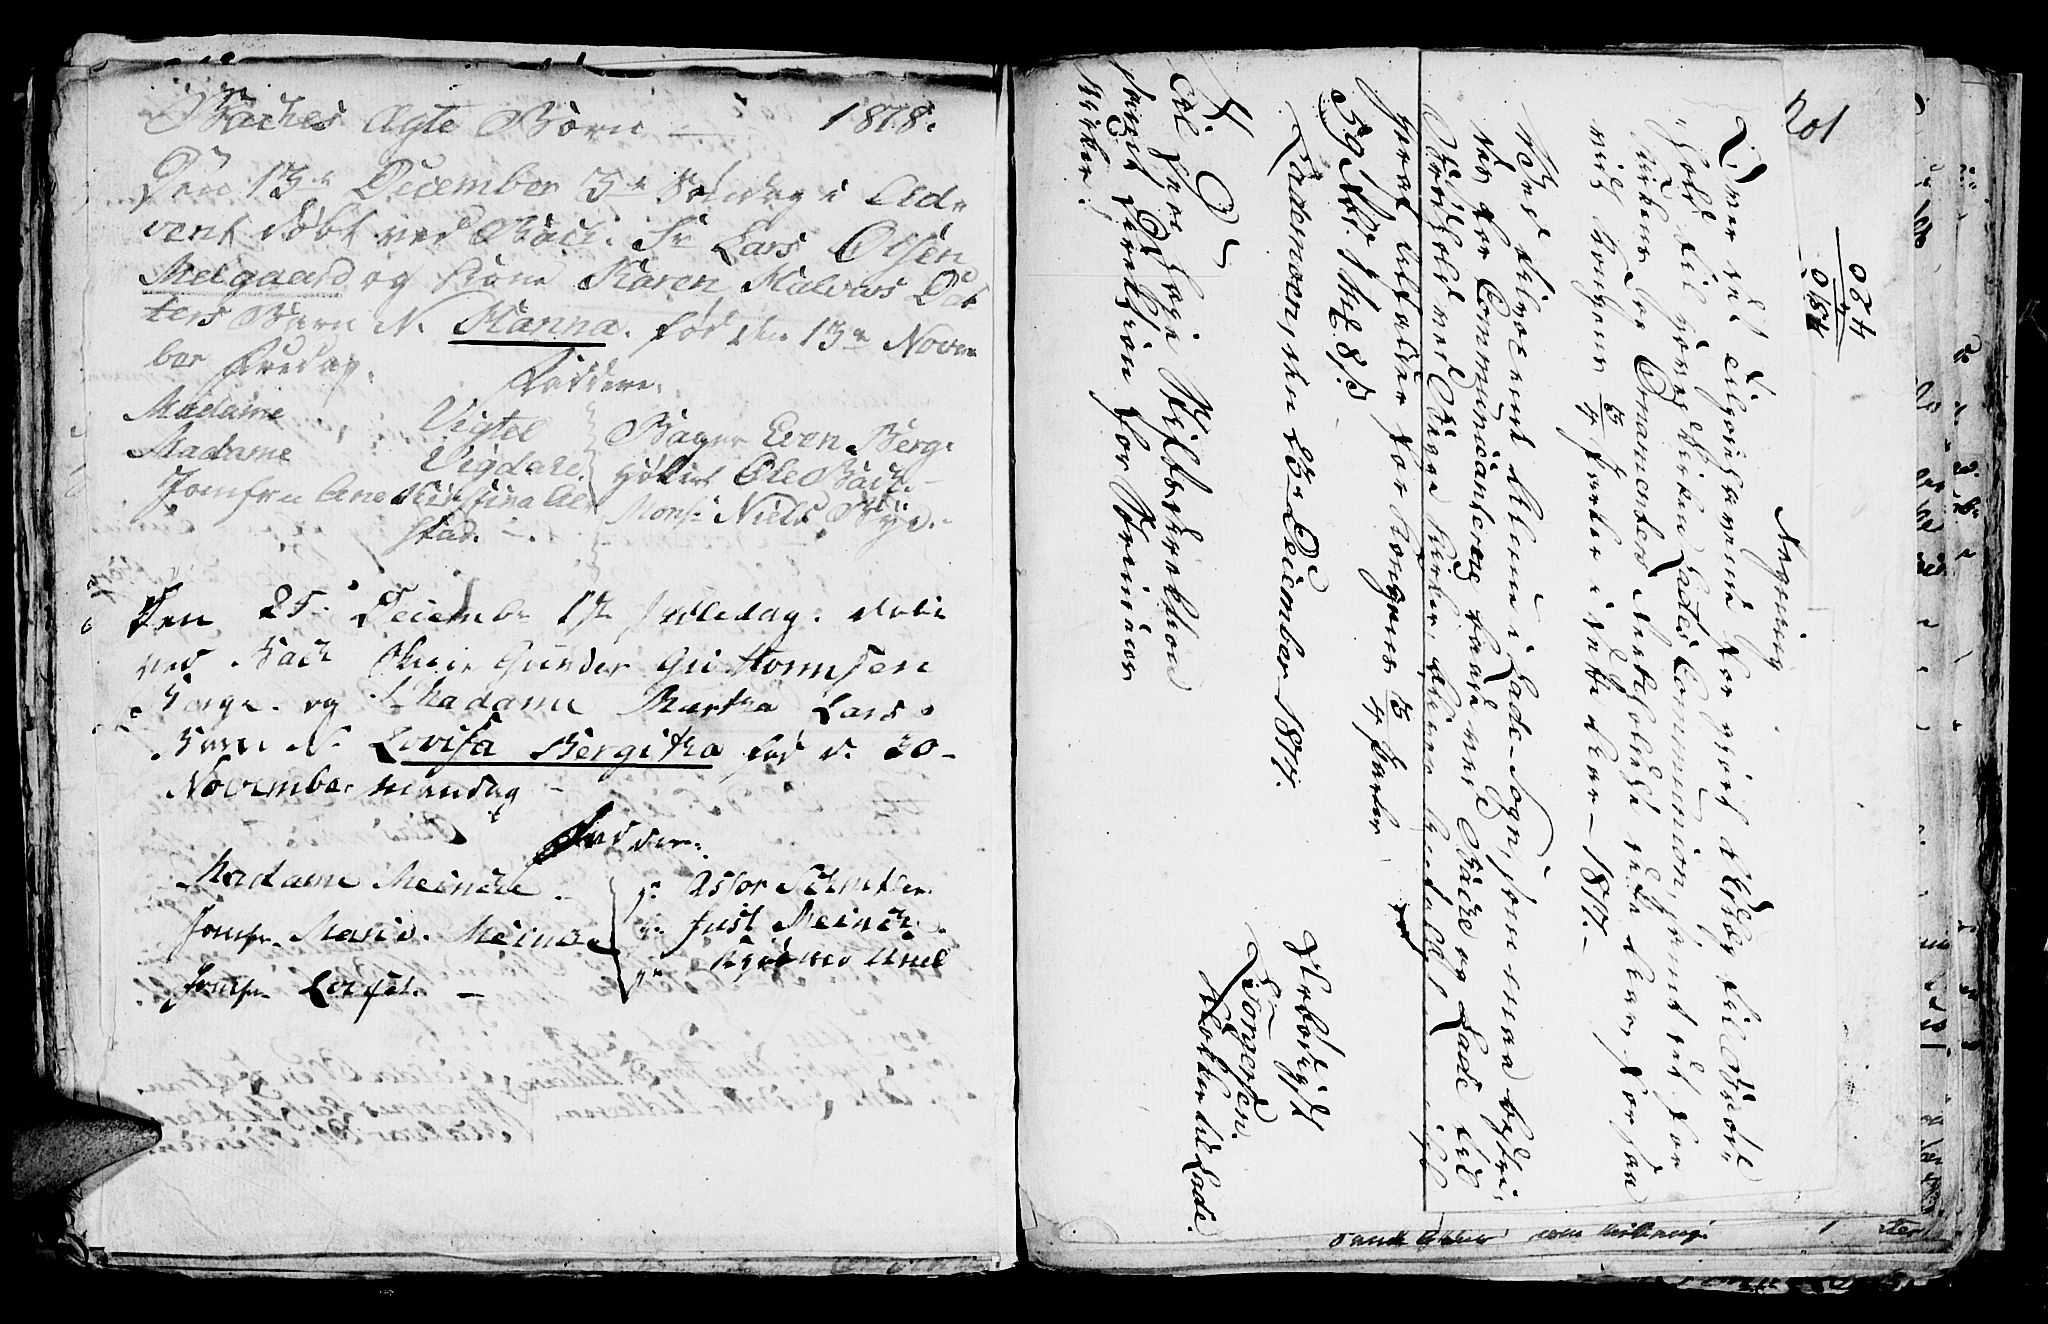 SAT, Ministerialprotokoller, klokkerbøker og fødselsregistre - Sør-Trøndelag, 604/L0218: Klokkerbok nr. 604C01, 1754-1819, s. 201a